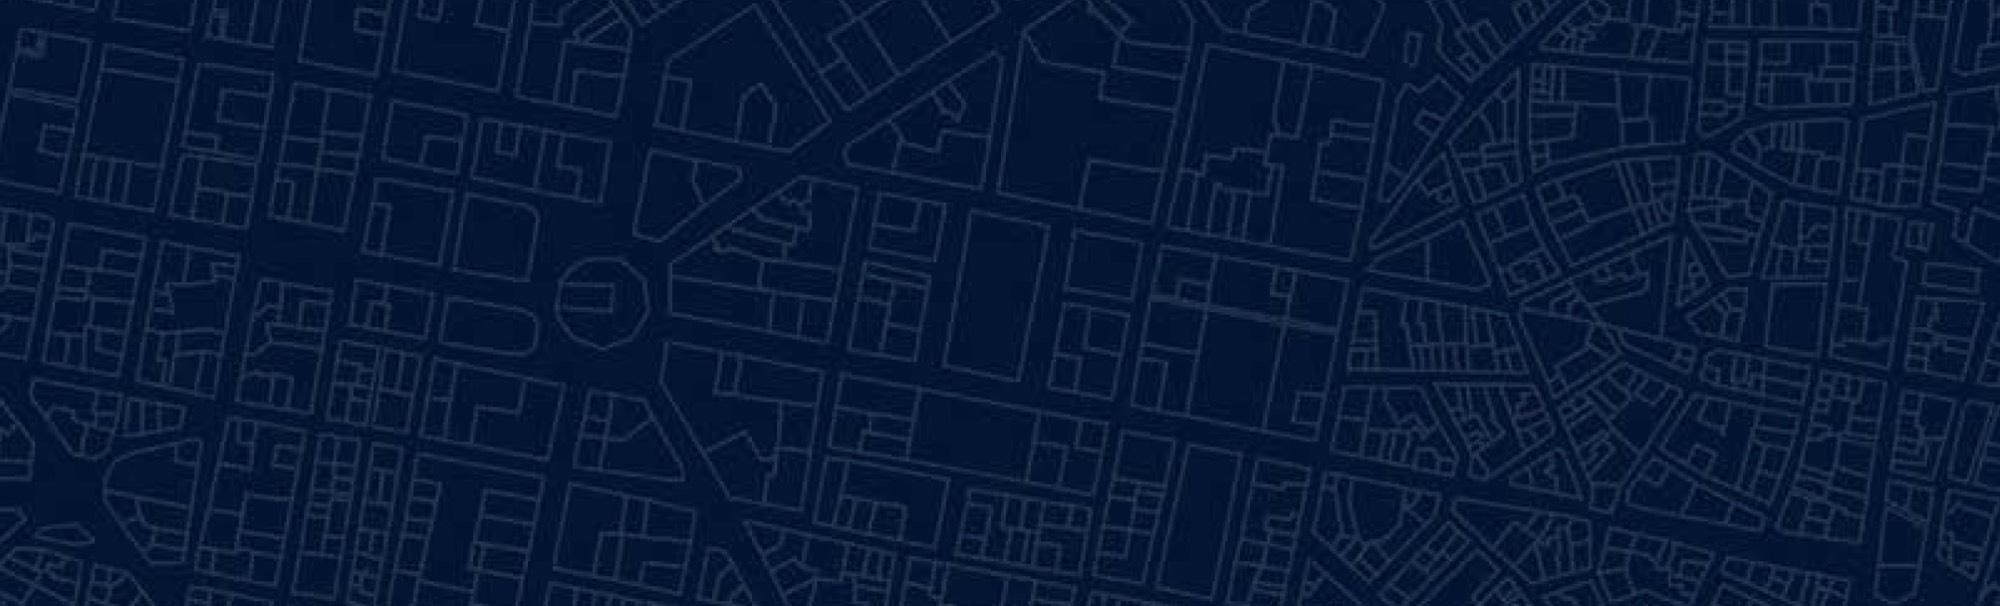 Πόλη – Δημοκρατία – Αρχιτεκτονική